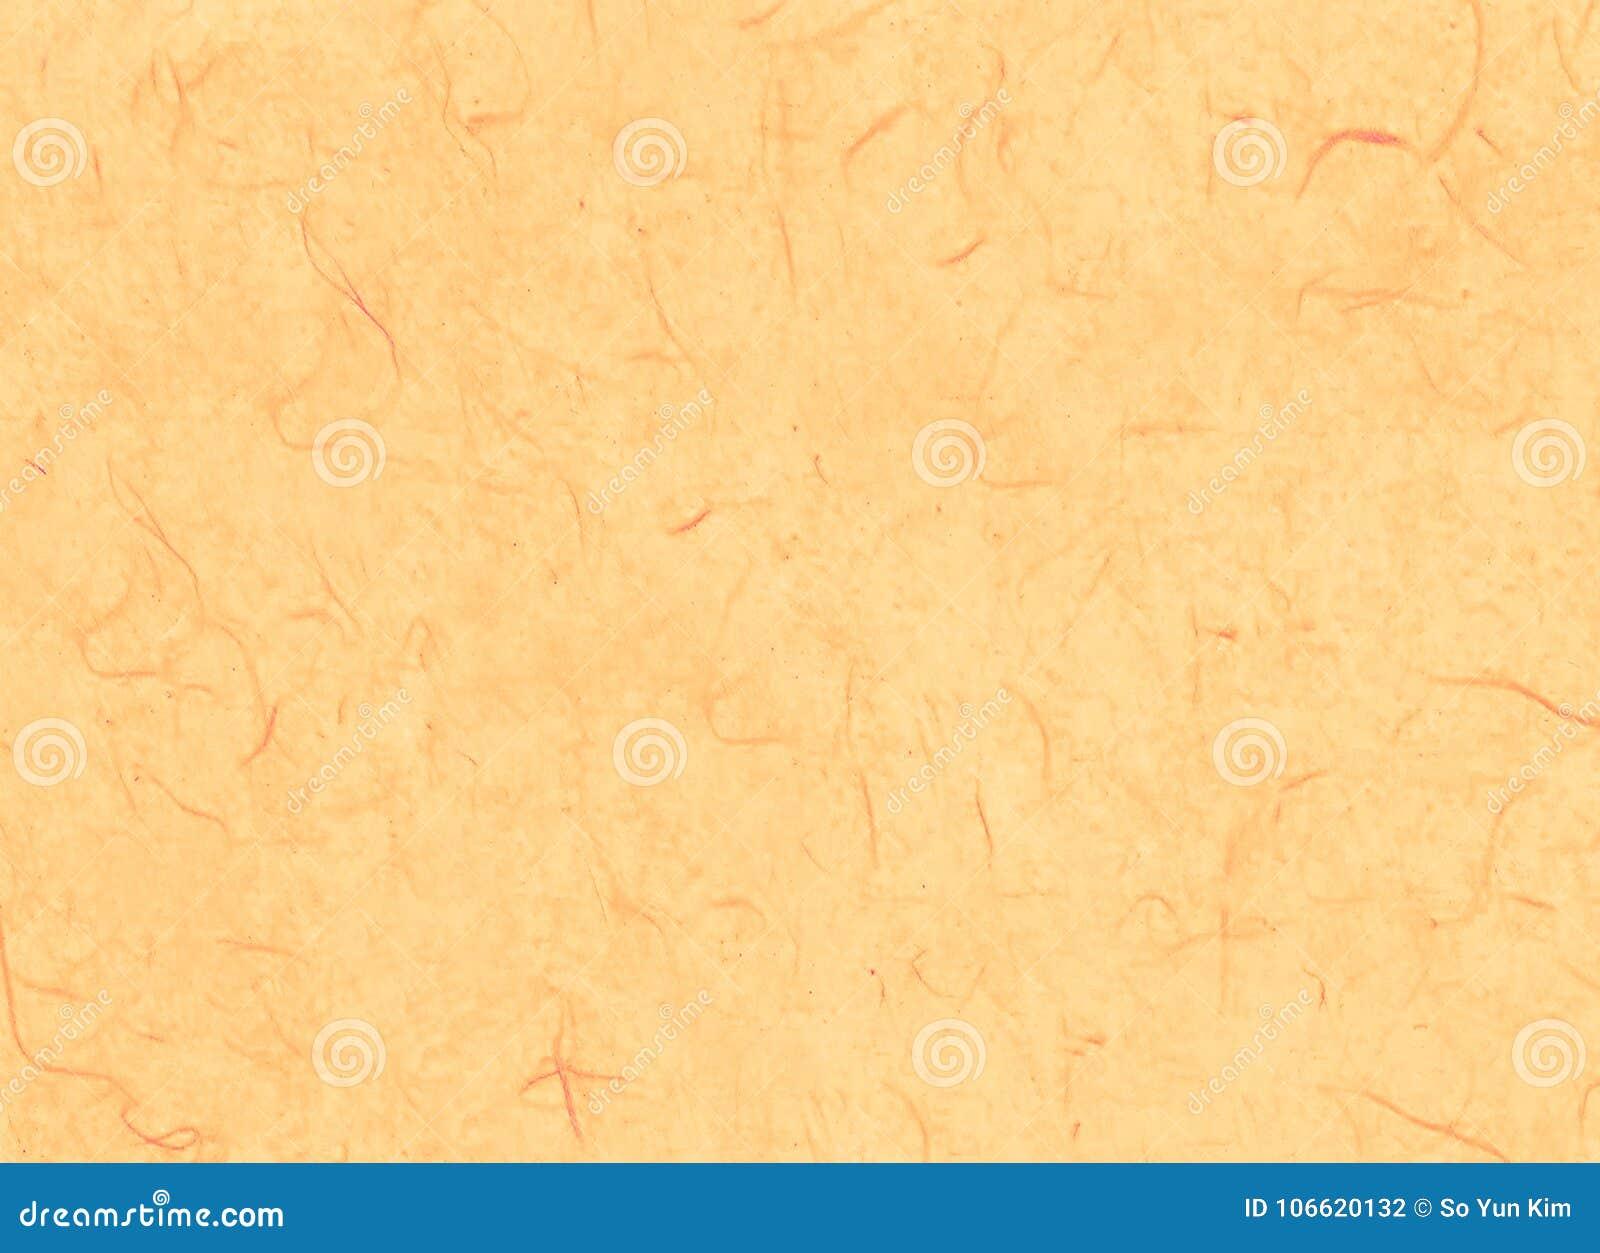 Grundlegendes orangefarbenes koreanisches oder japanisches traditionelles Papier